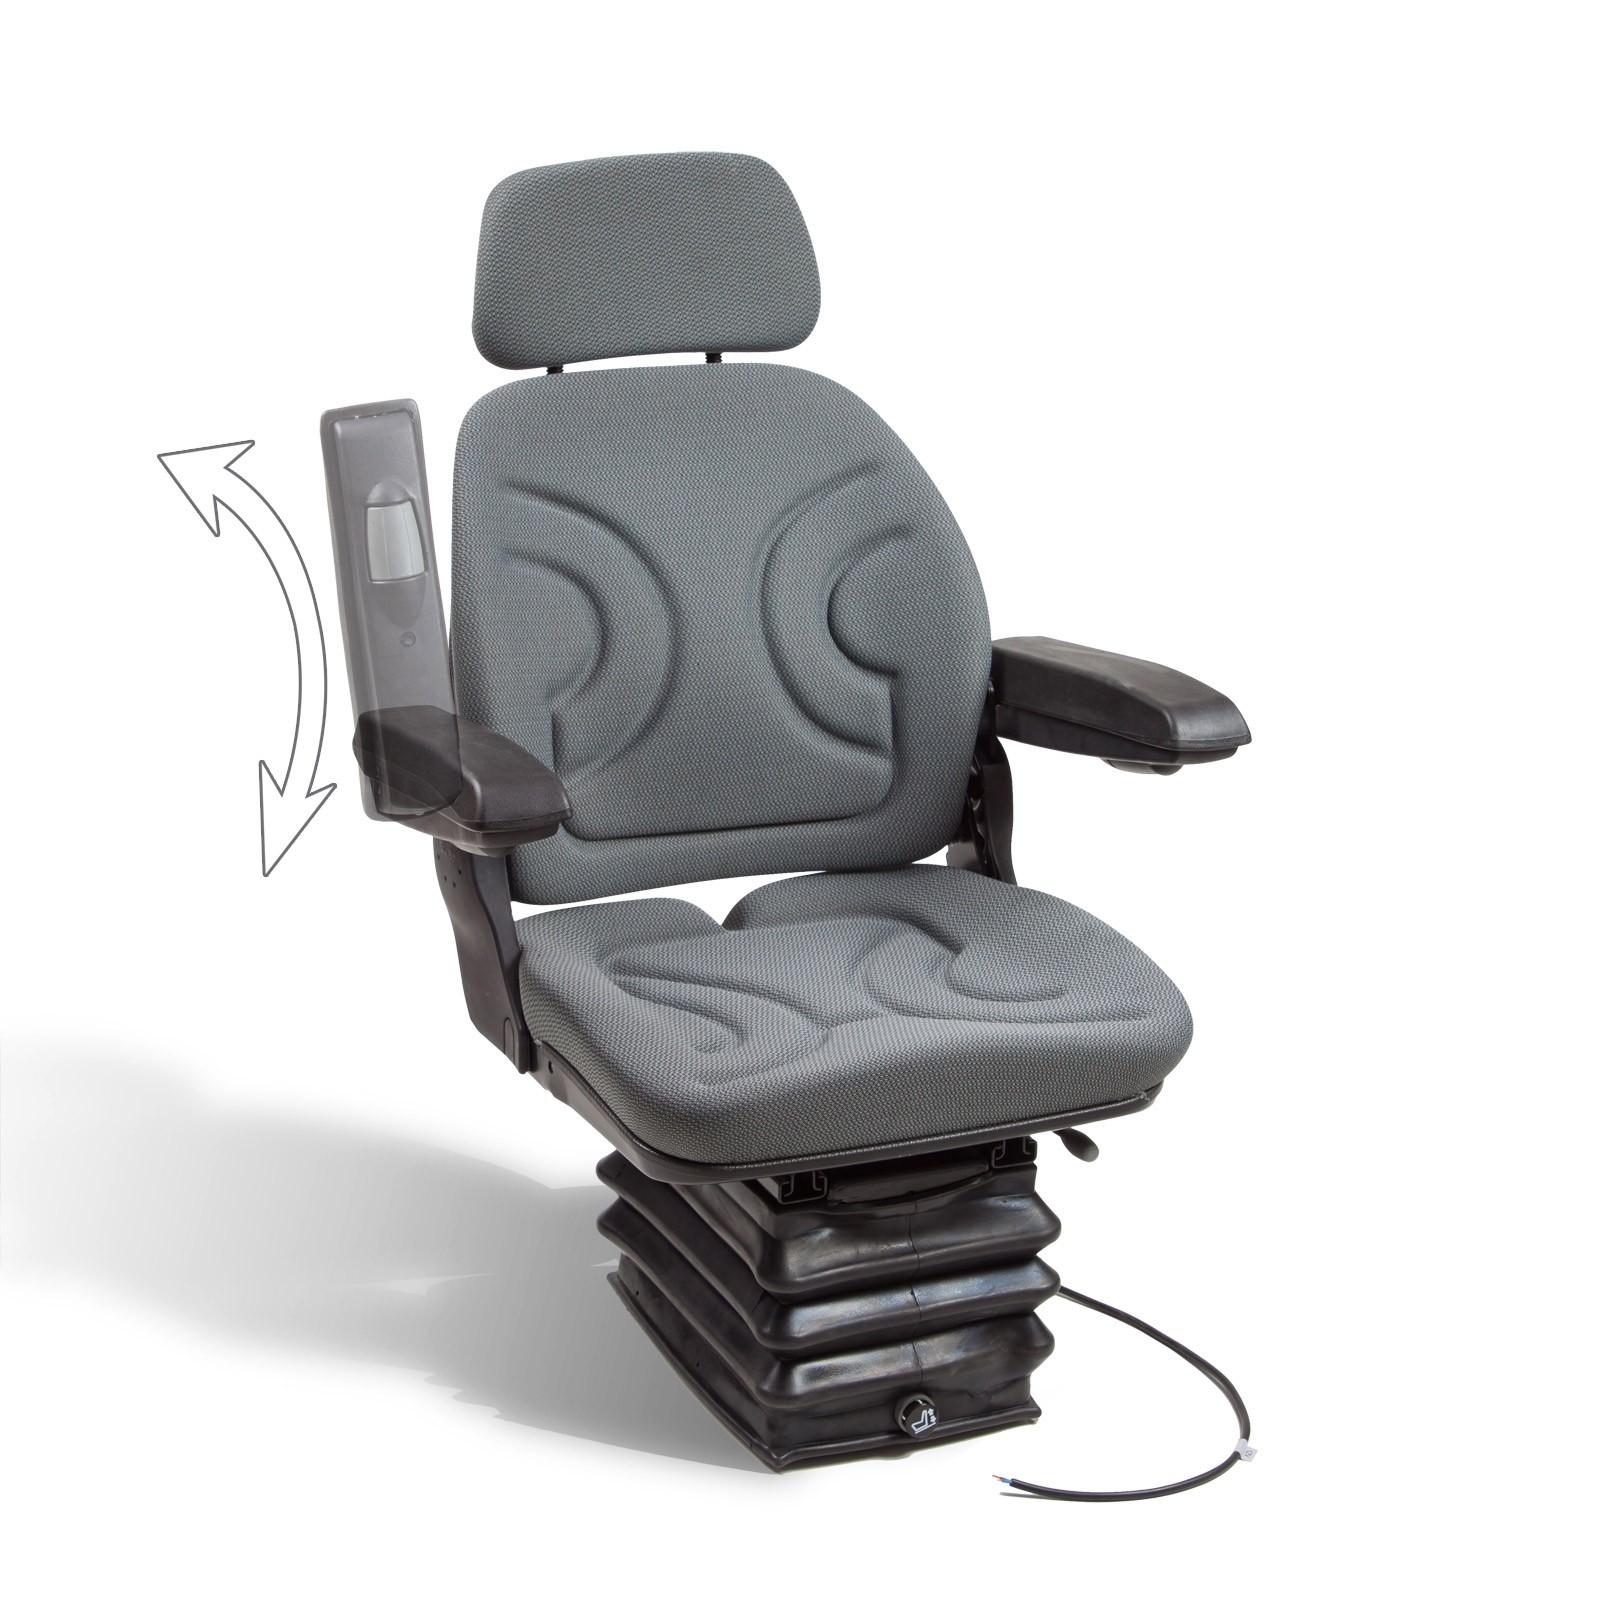 Dema Universal Traktorsitz Schleppersitz Sitz Staplersitz Luftgefedert mit Armlehne 52475